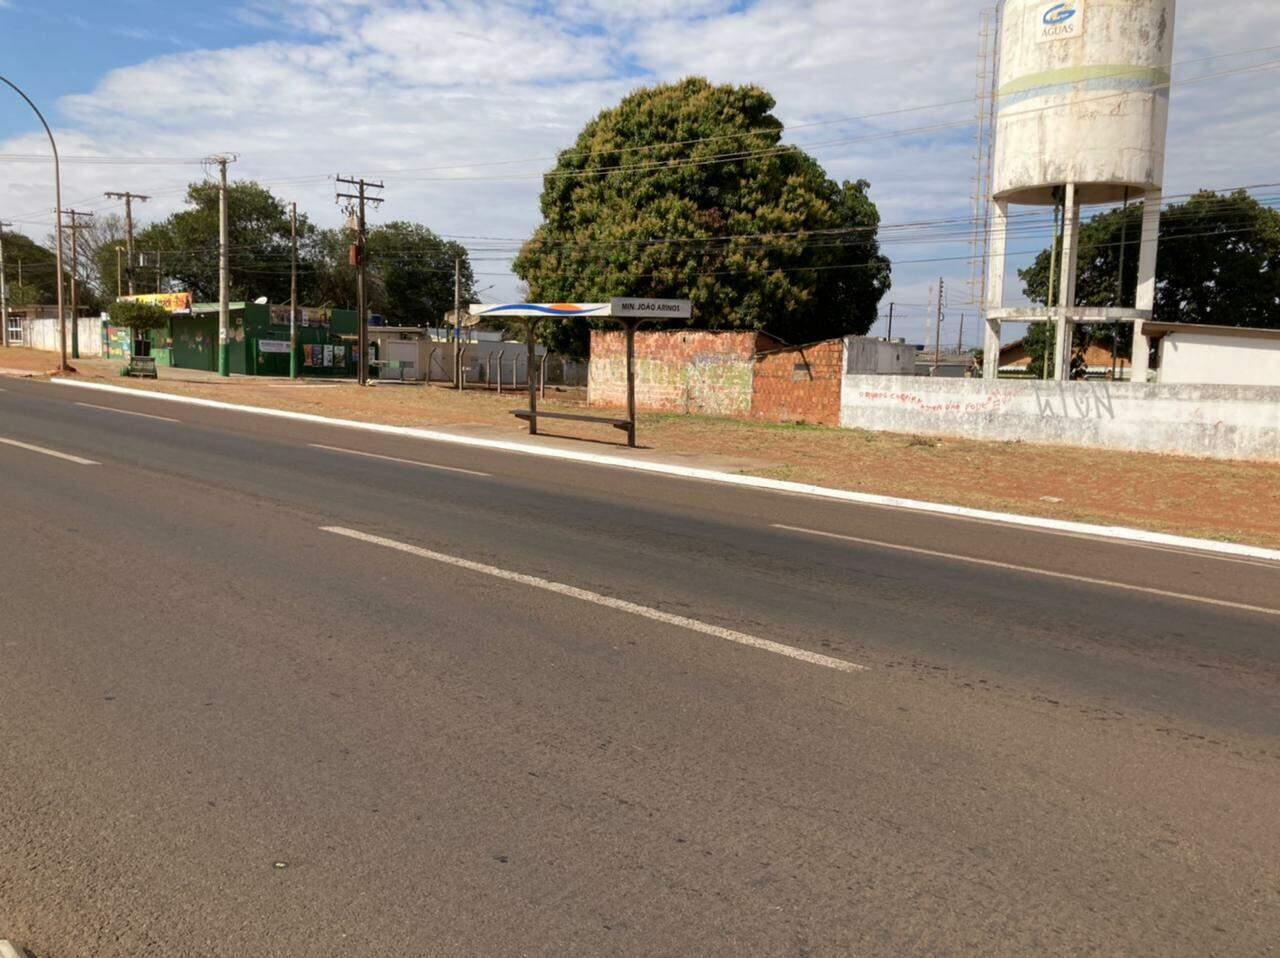 Caminhão passava em frente a ponto de ônibus quando os disparos aconteceram. (Foto: Maryelle Barros)